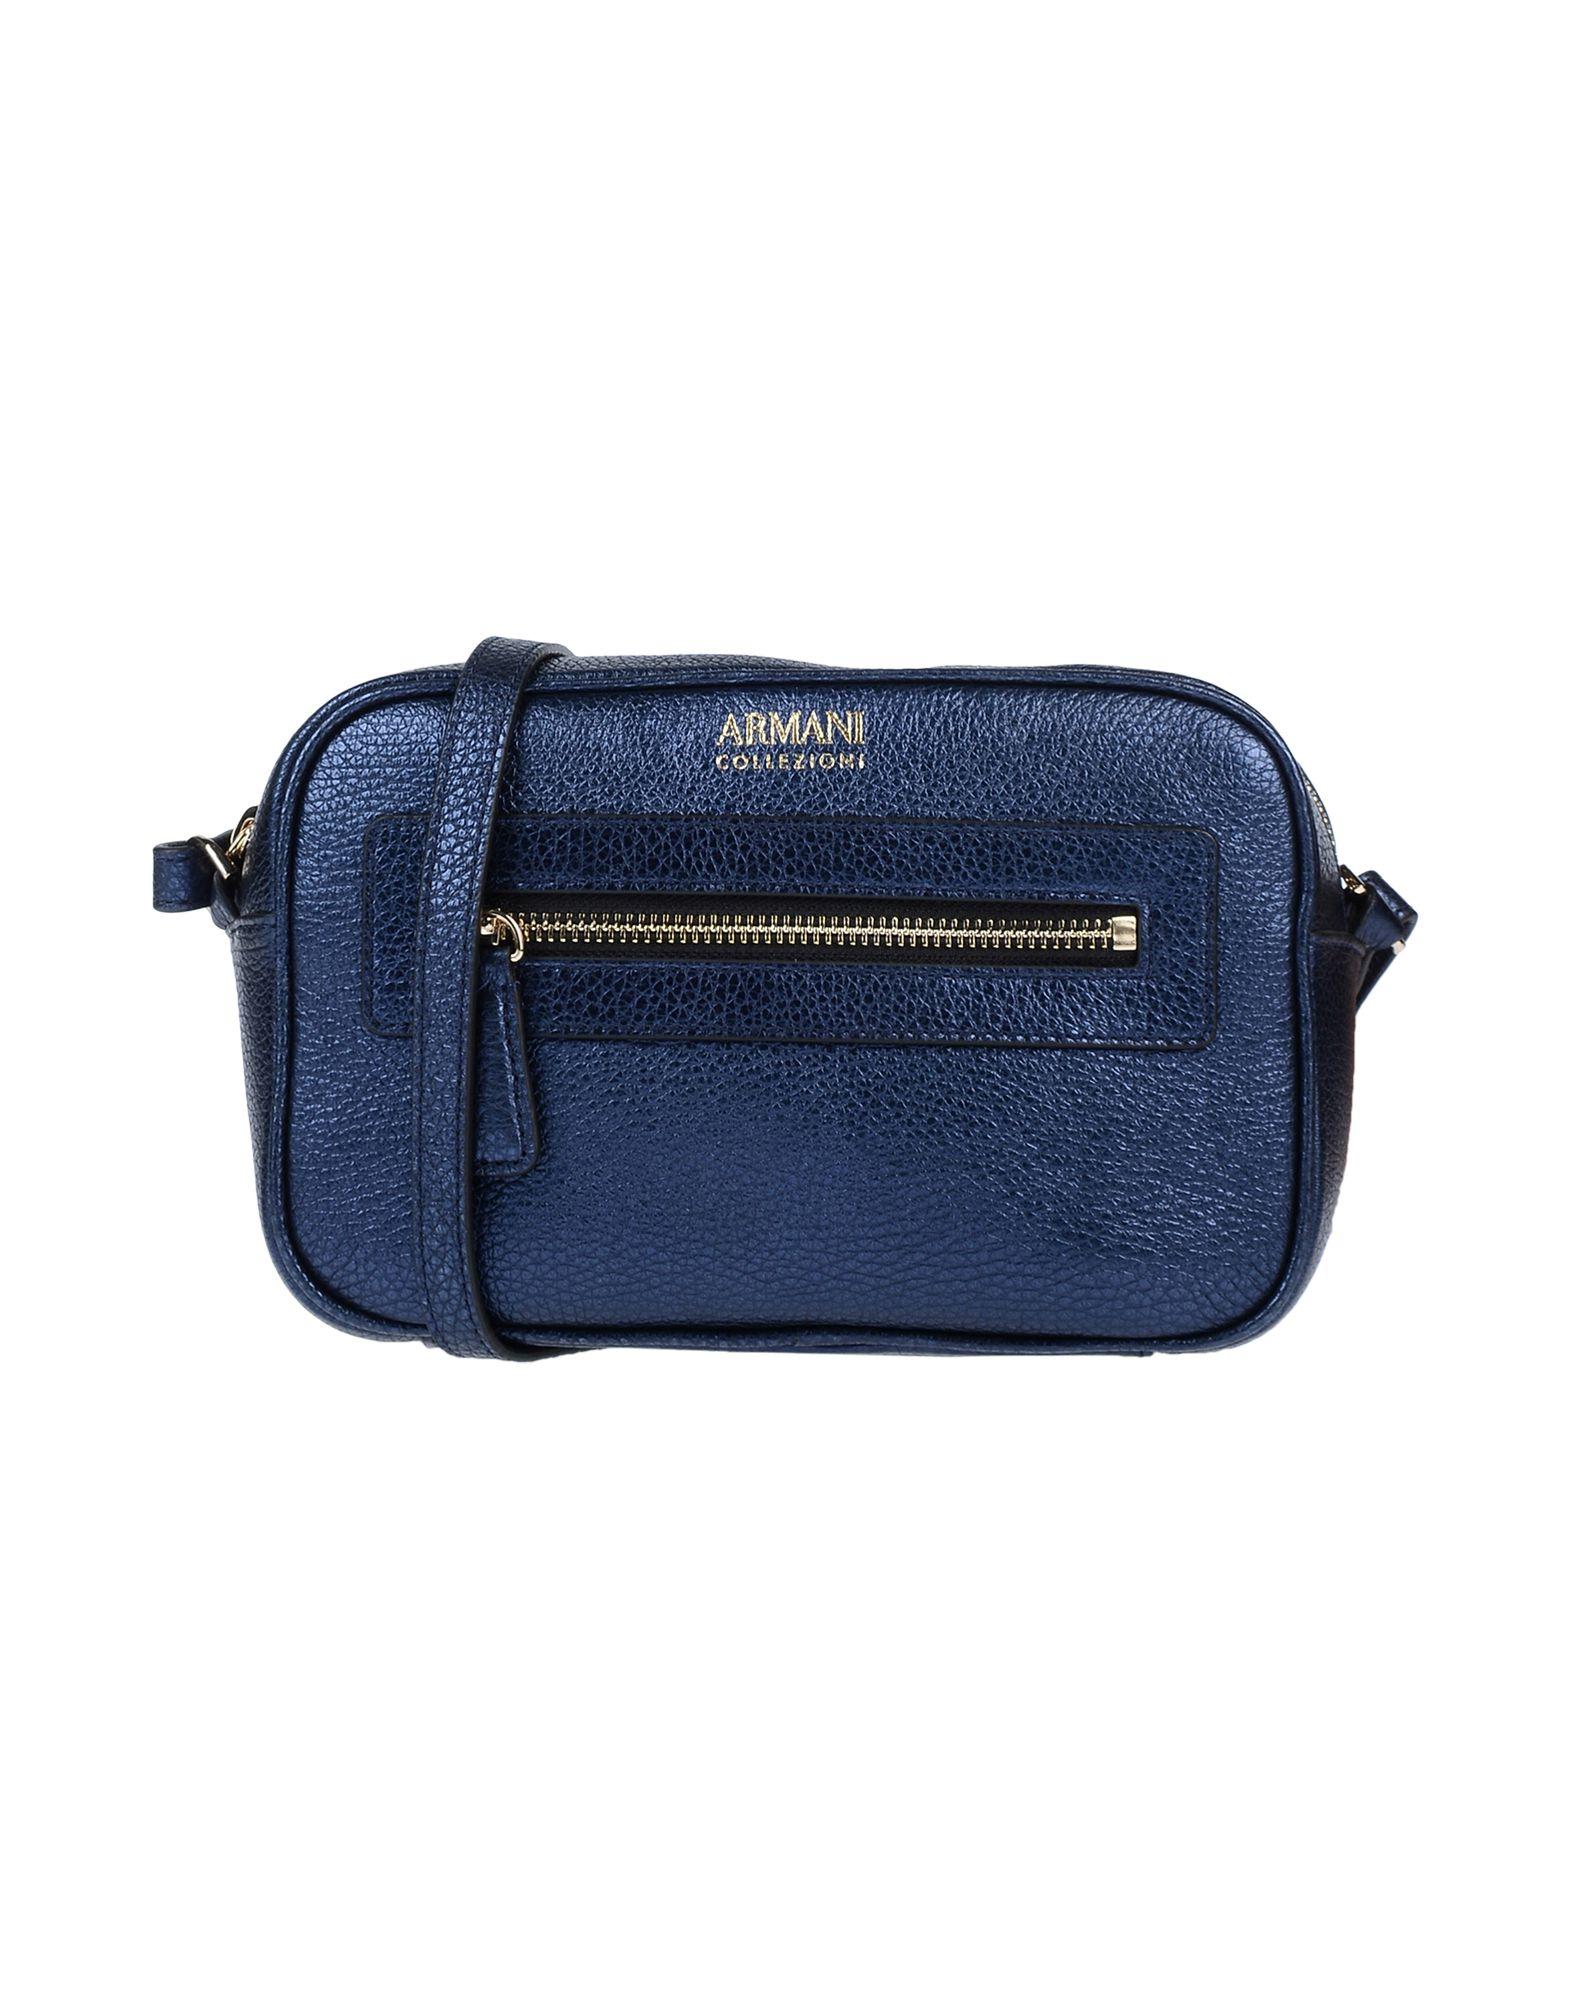 Armani Collezioni Handbags In Blue  14d3e842fb170